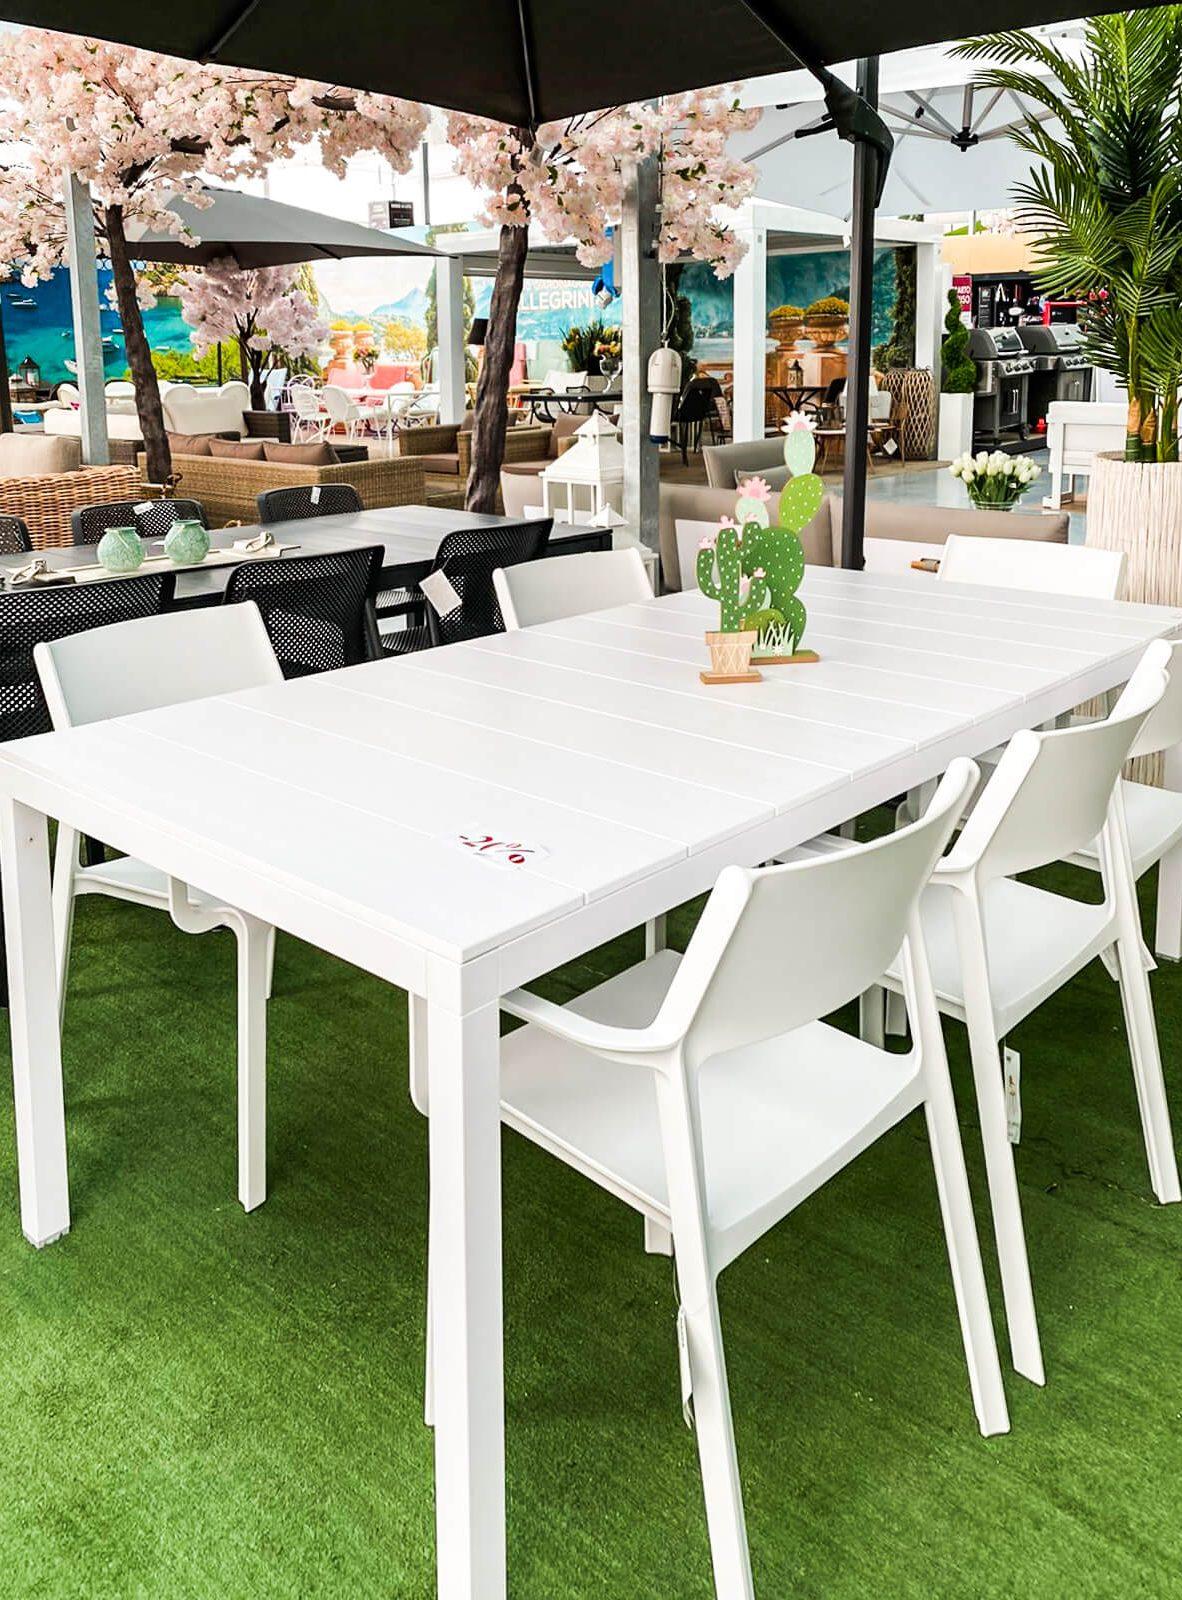 promo-mobili-giardino-centro-giardinaggio-pellegrini3.22.06 PM